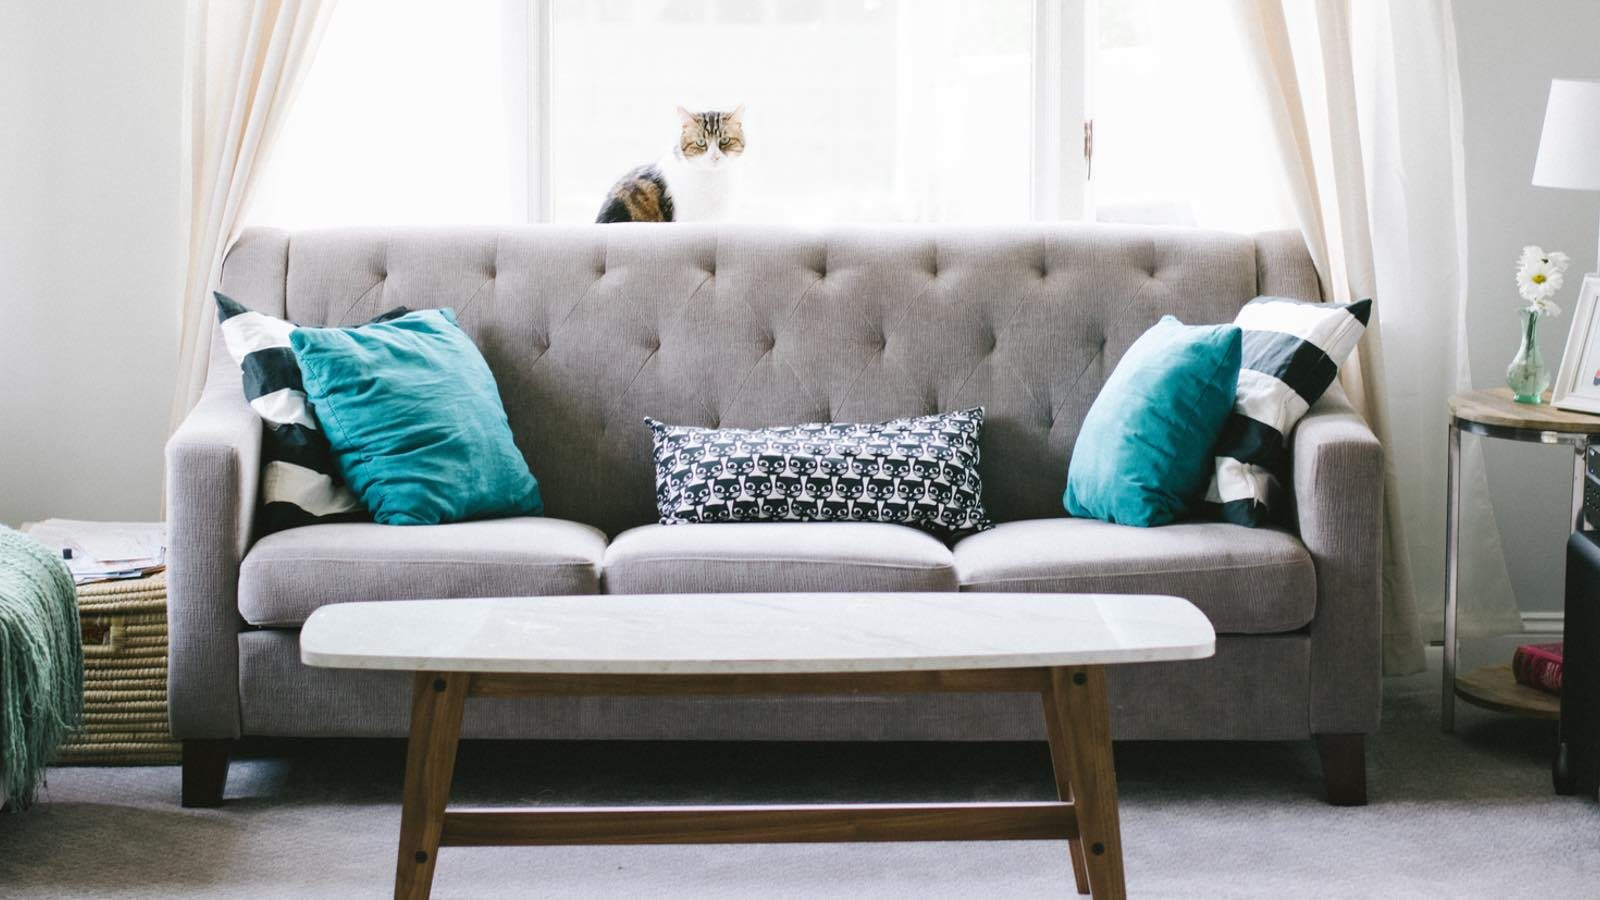 Sofa Reinigen Ultimative Anleitung Für Die Pflege Schlafzimmerde